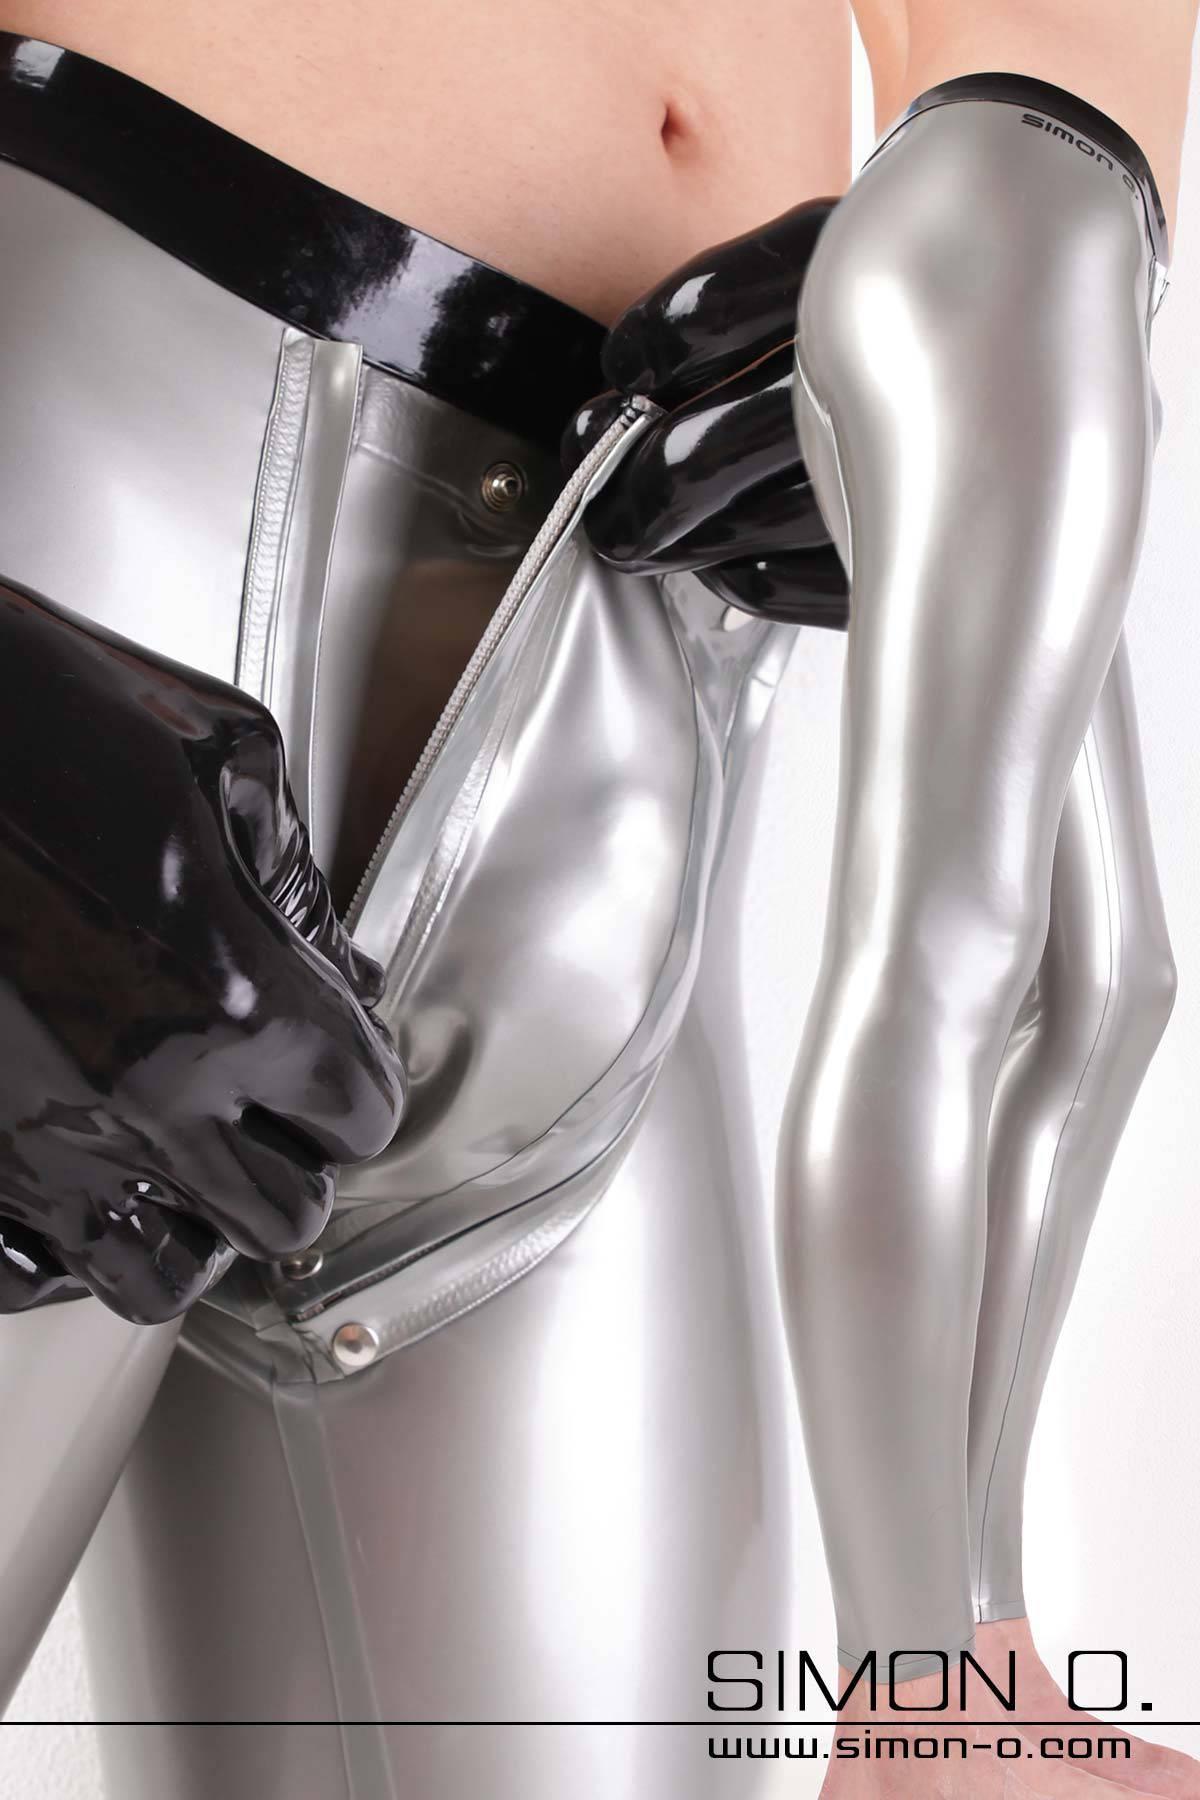 Herren Latex Leggings mit Codpiece Herren Legging aus 0.40 mm Latex mit Latexkondom, NS-Kondom oder Cockring hinter einem abnehmbaren Codpiece eingearbeitet. …